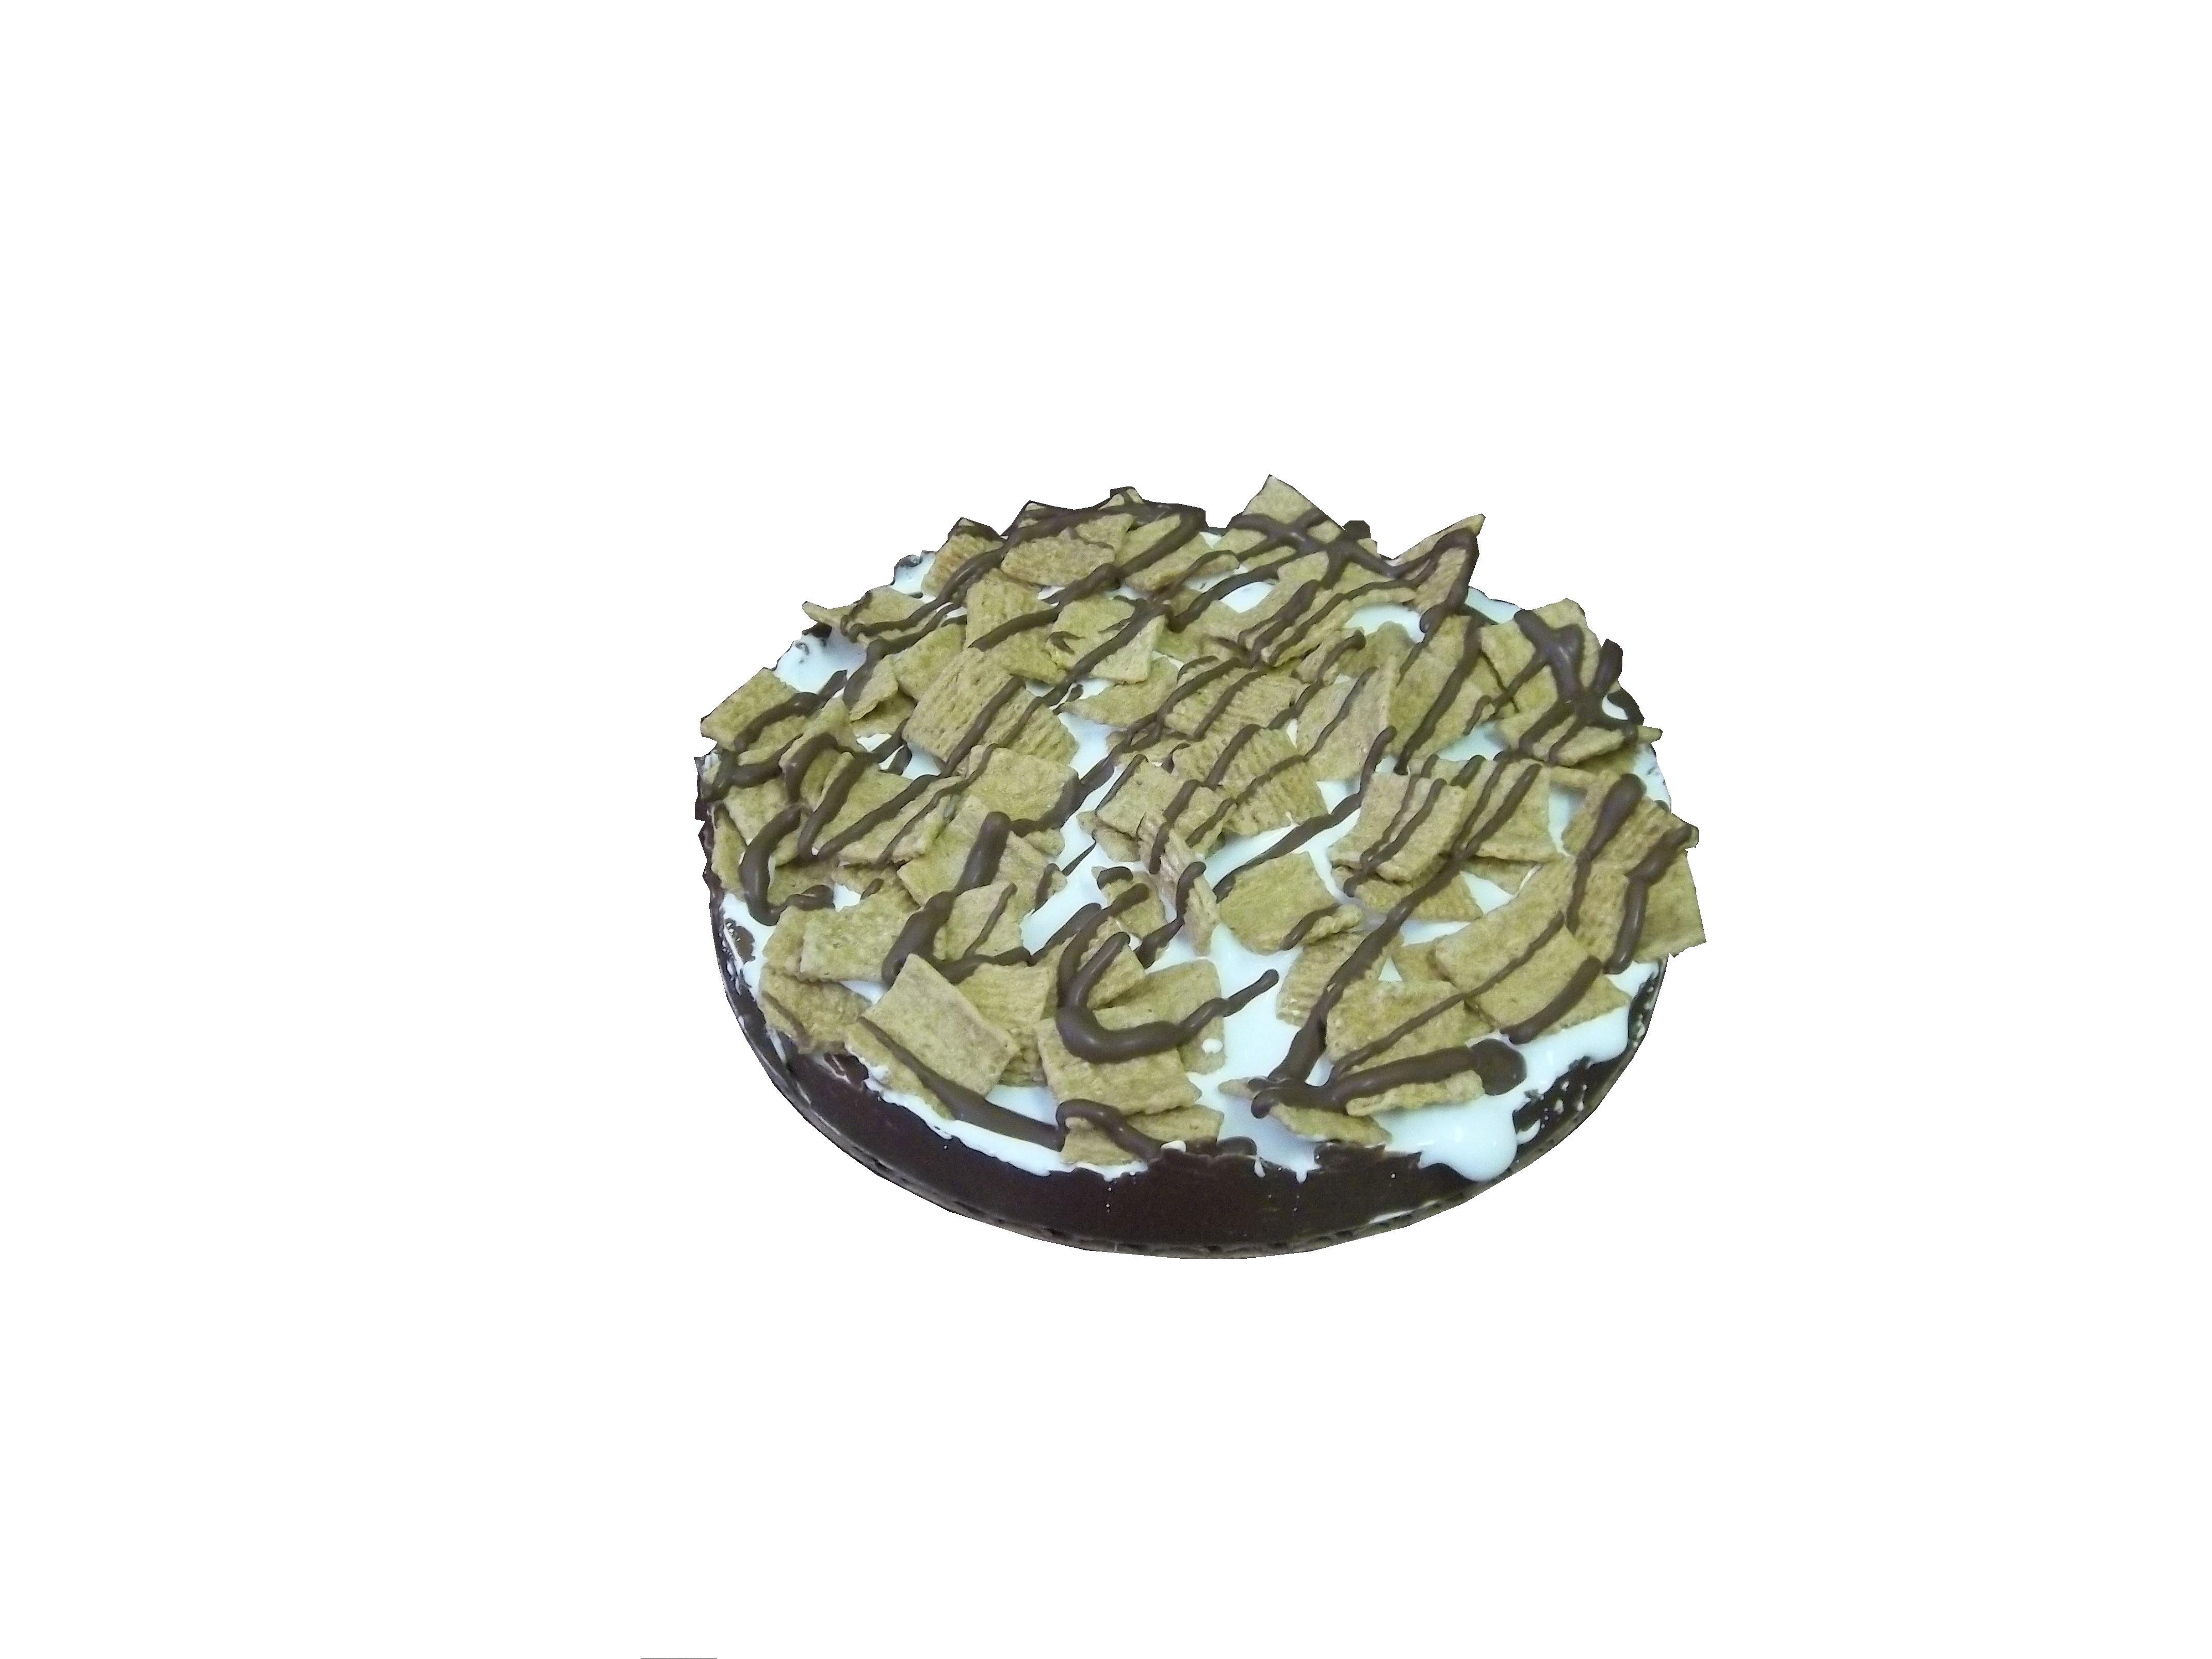 Gourmet Mini Chocolate Pizza Smores MISUSM